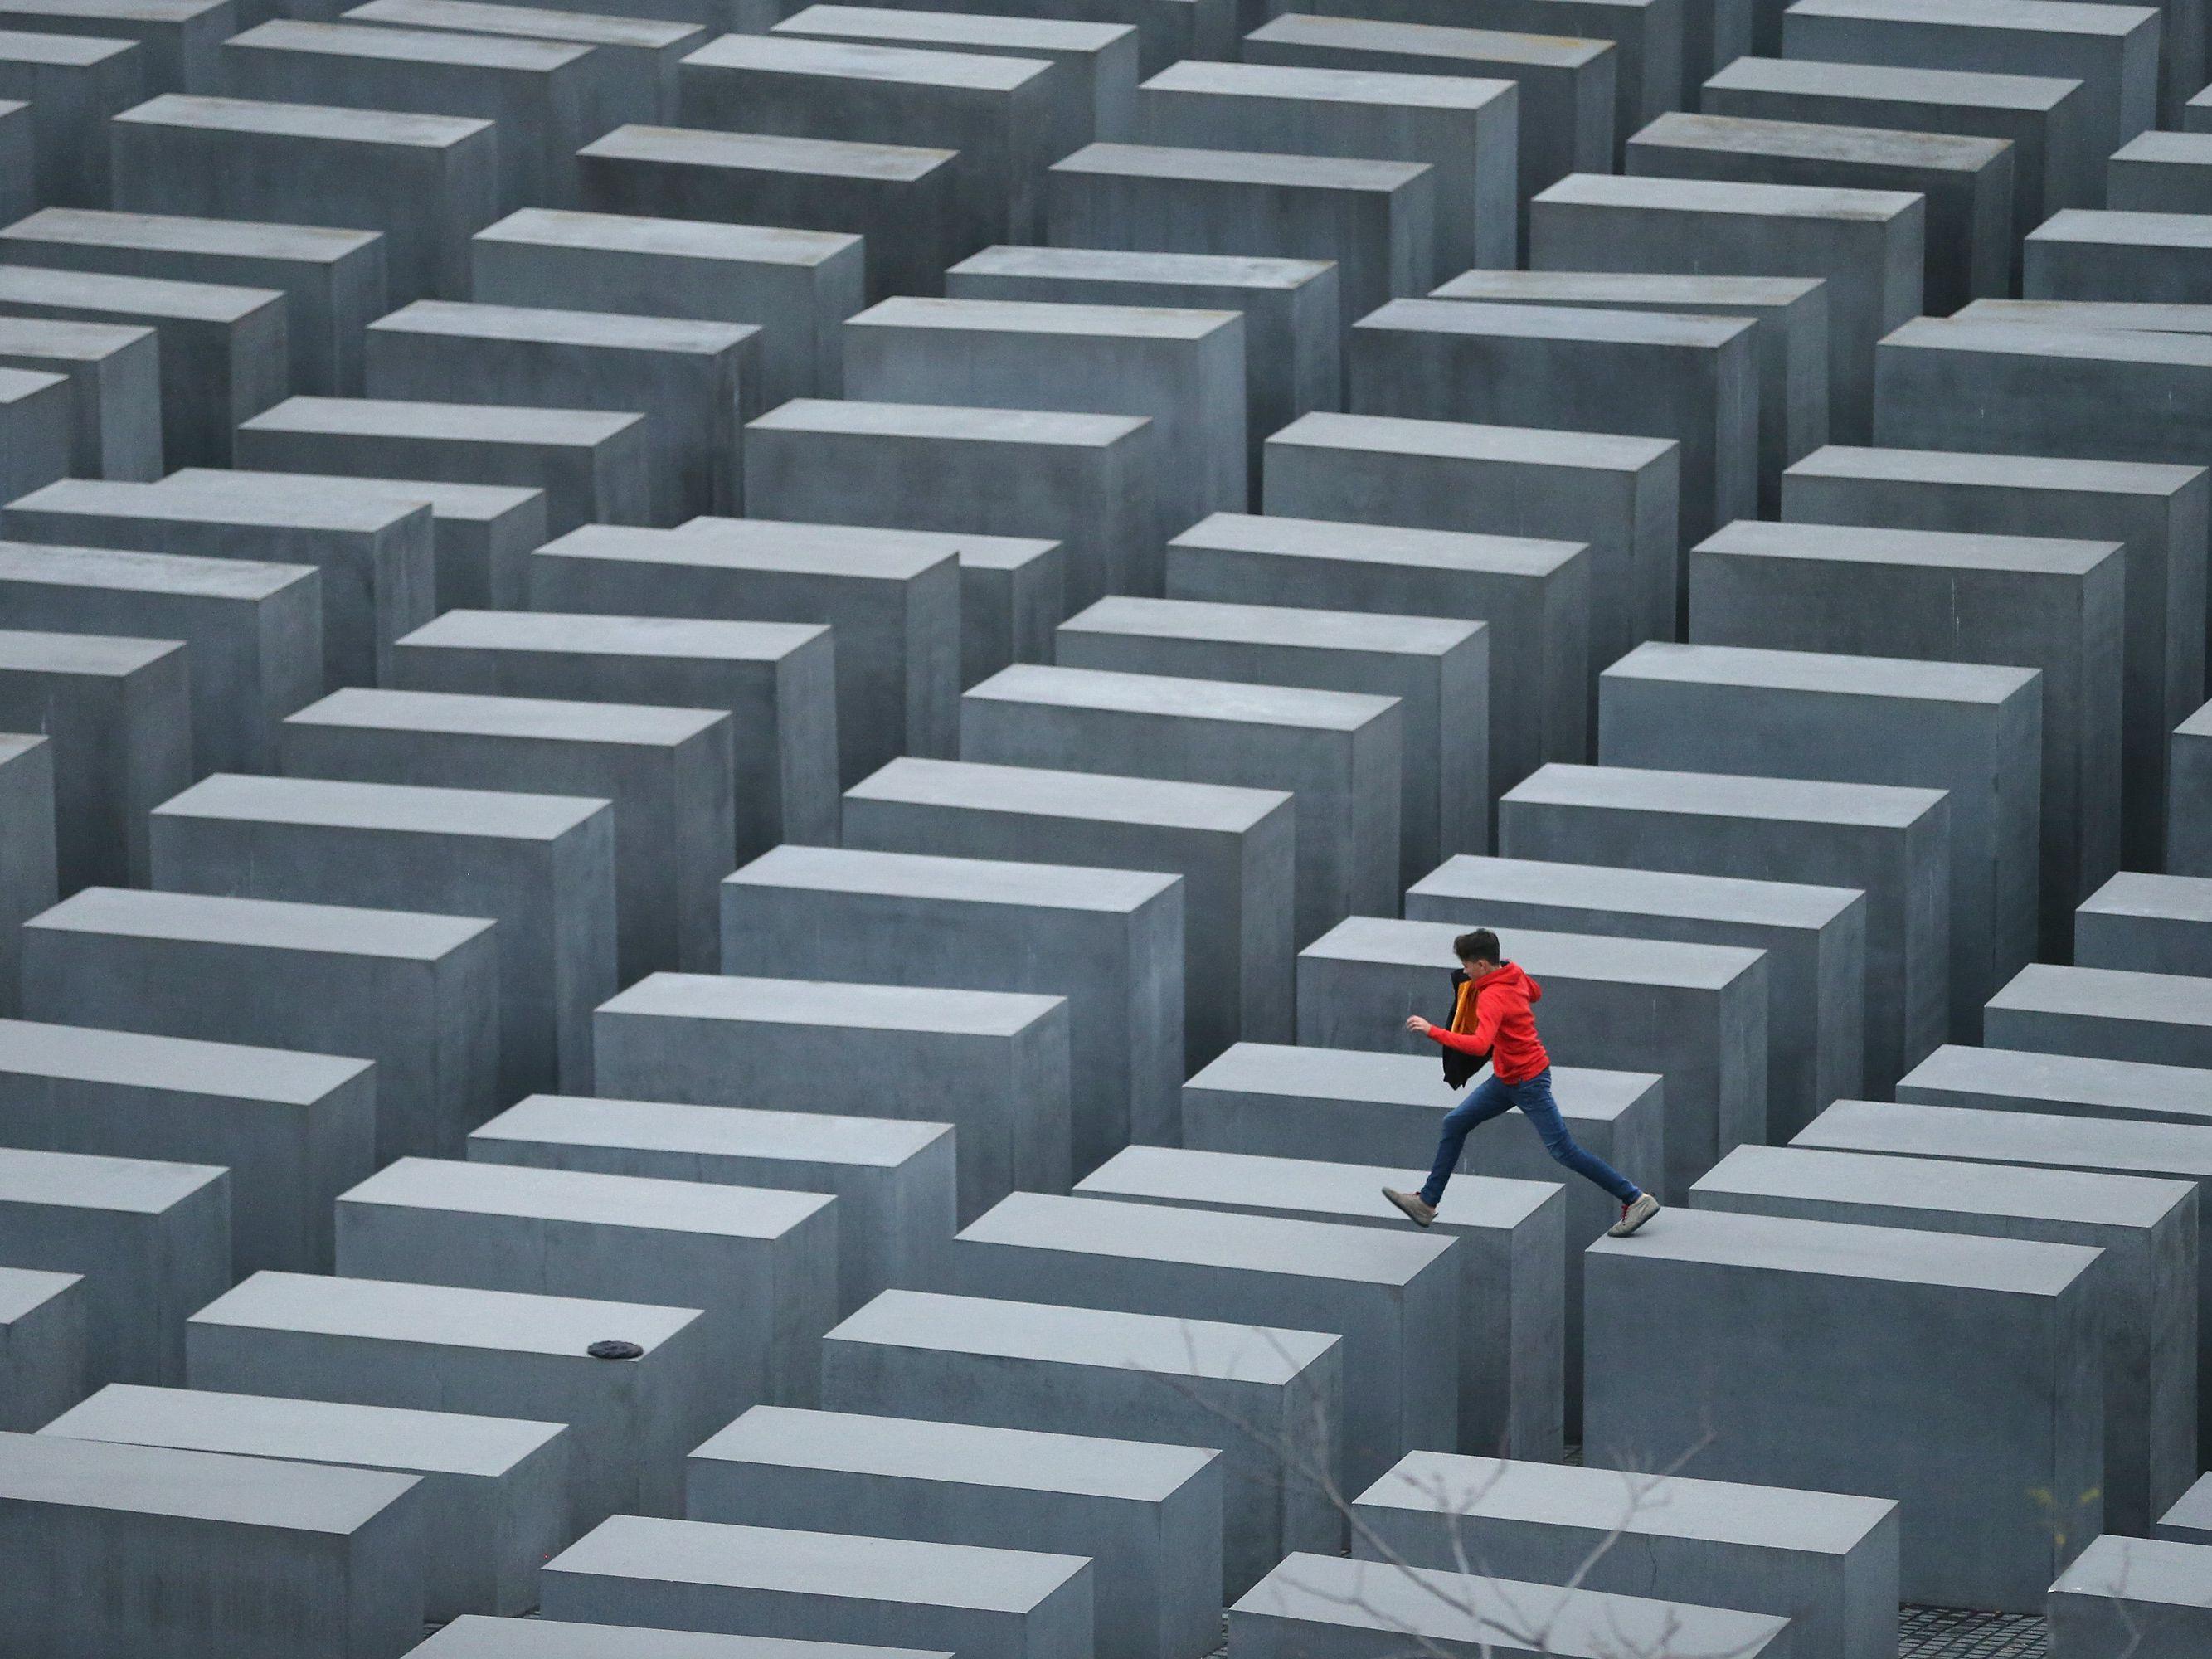 Мемориал жертвам Холокоста в Берлине. Архитектор Питер Айзенман. 2005 г.